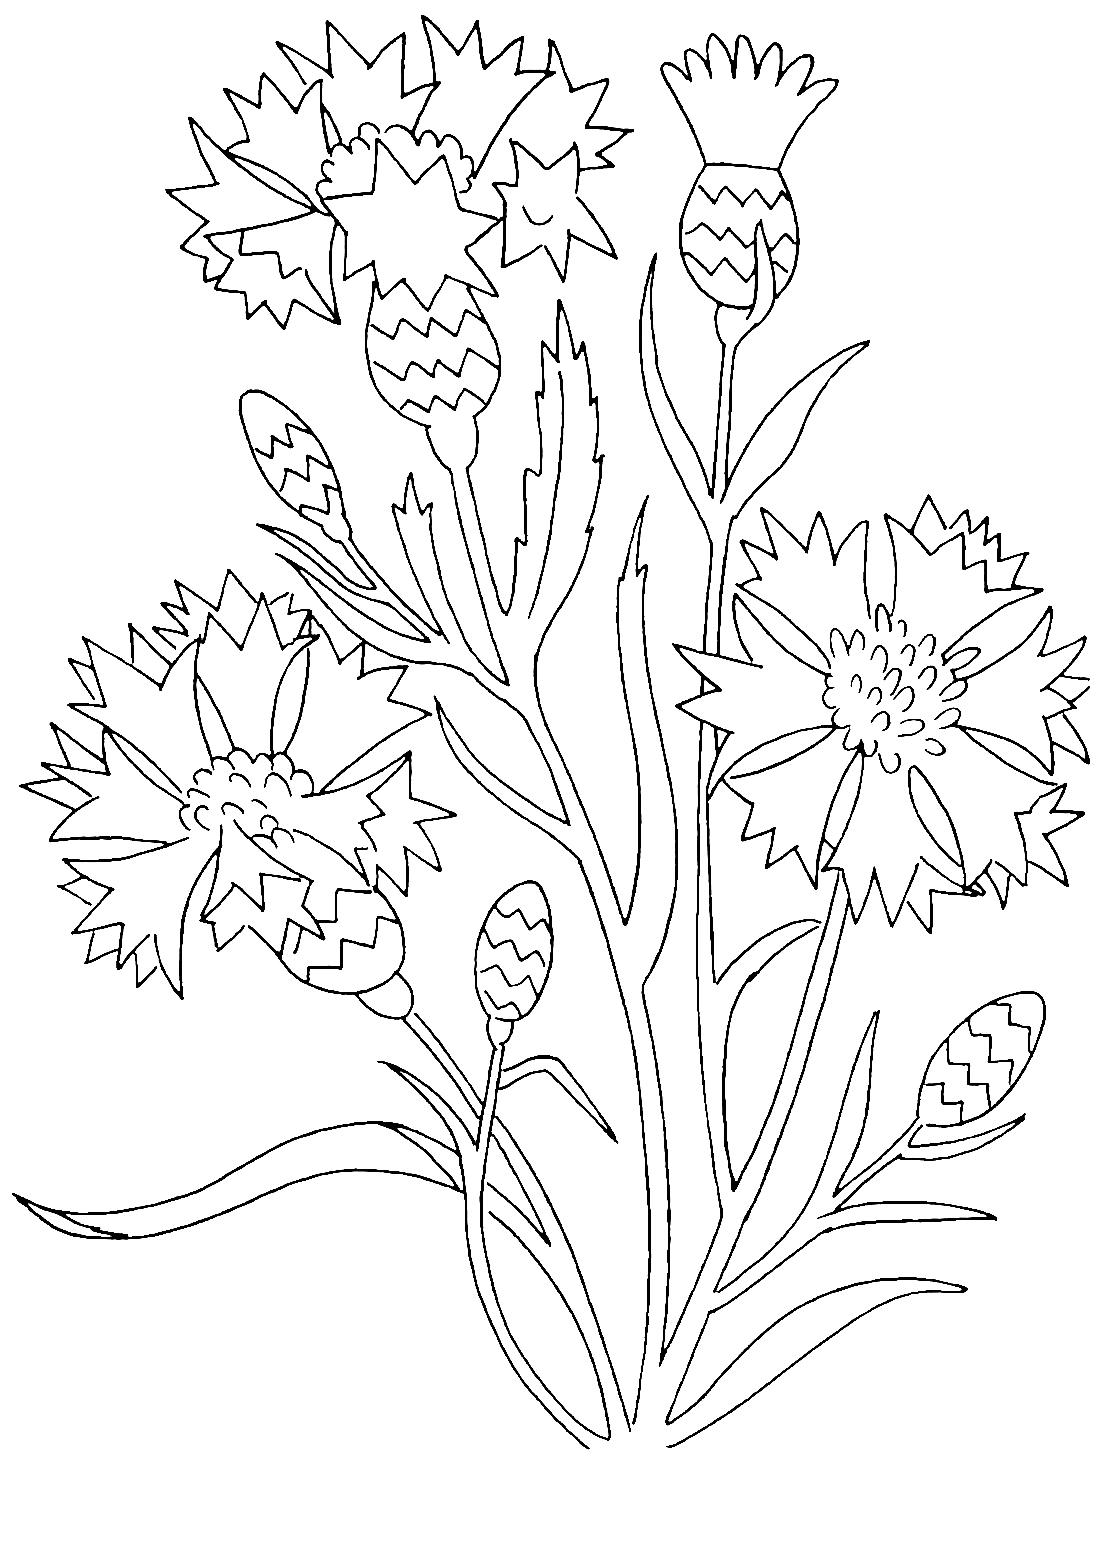 Цветы васильки - раскраска №6661 | Printonic.ru